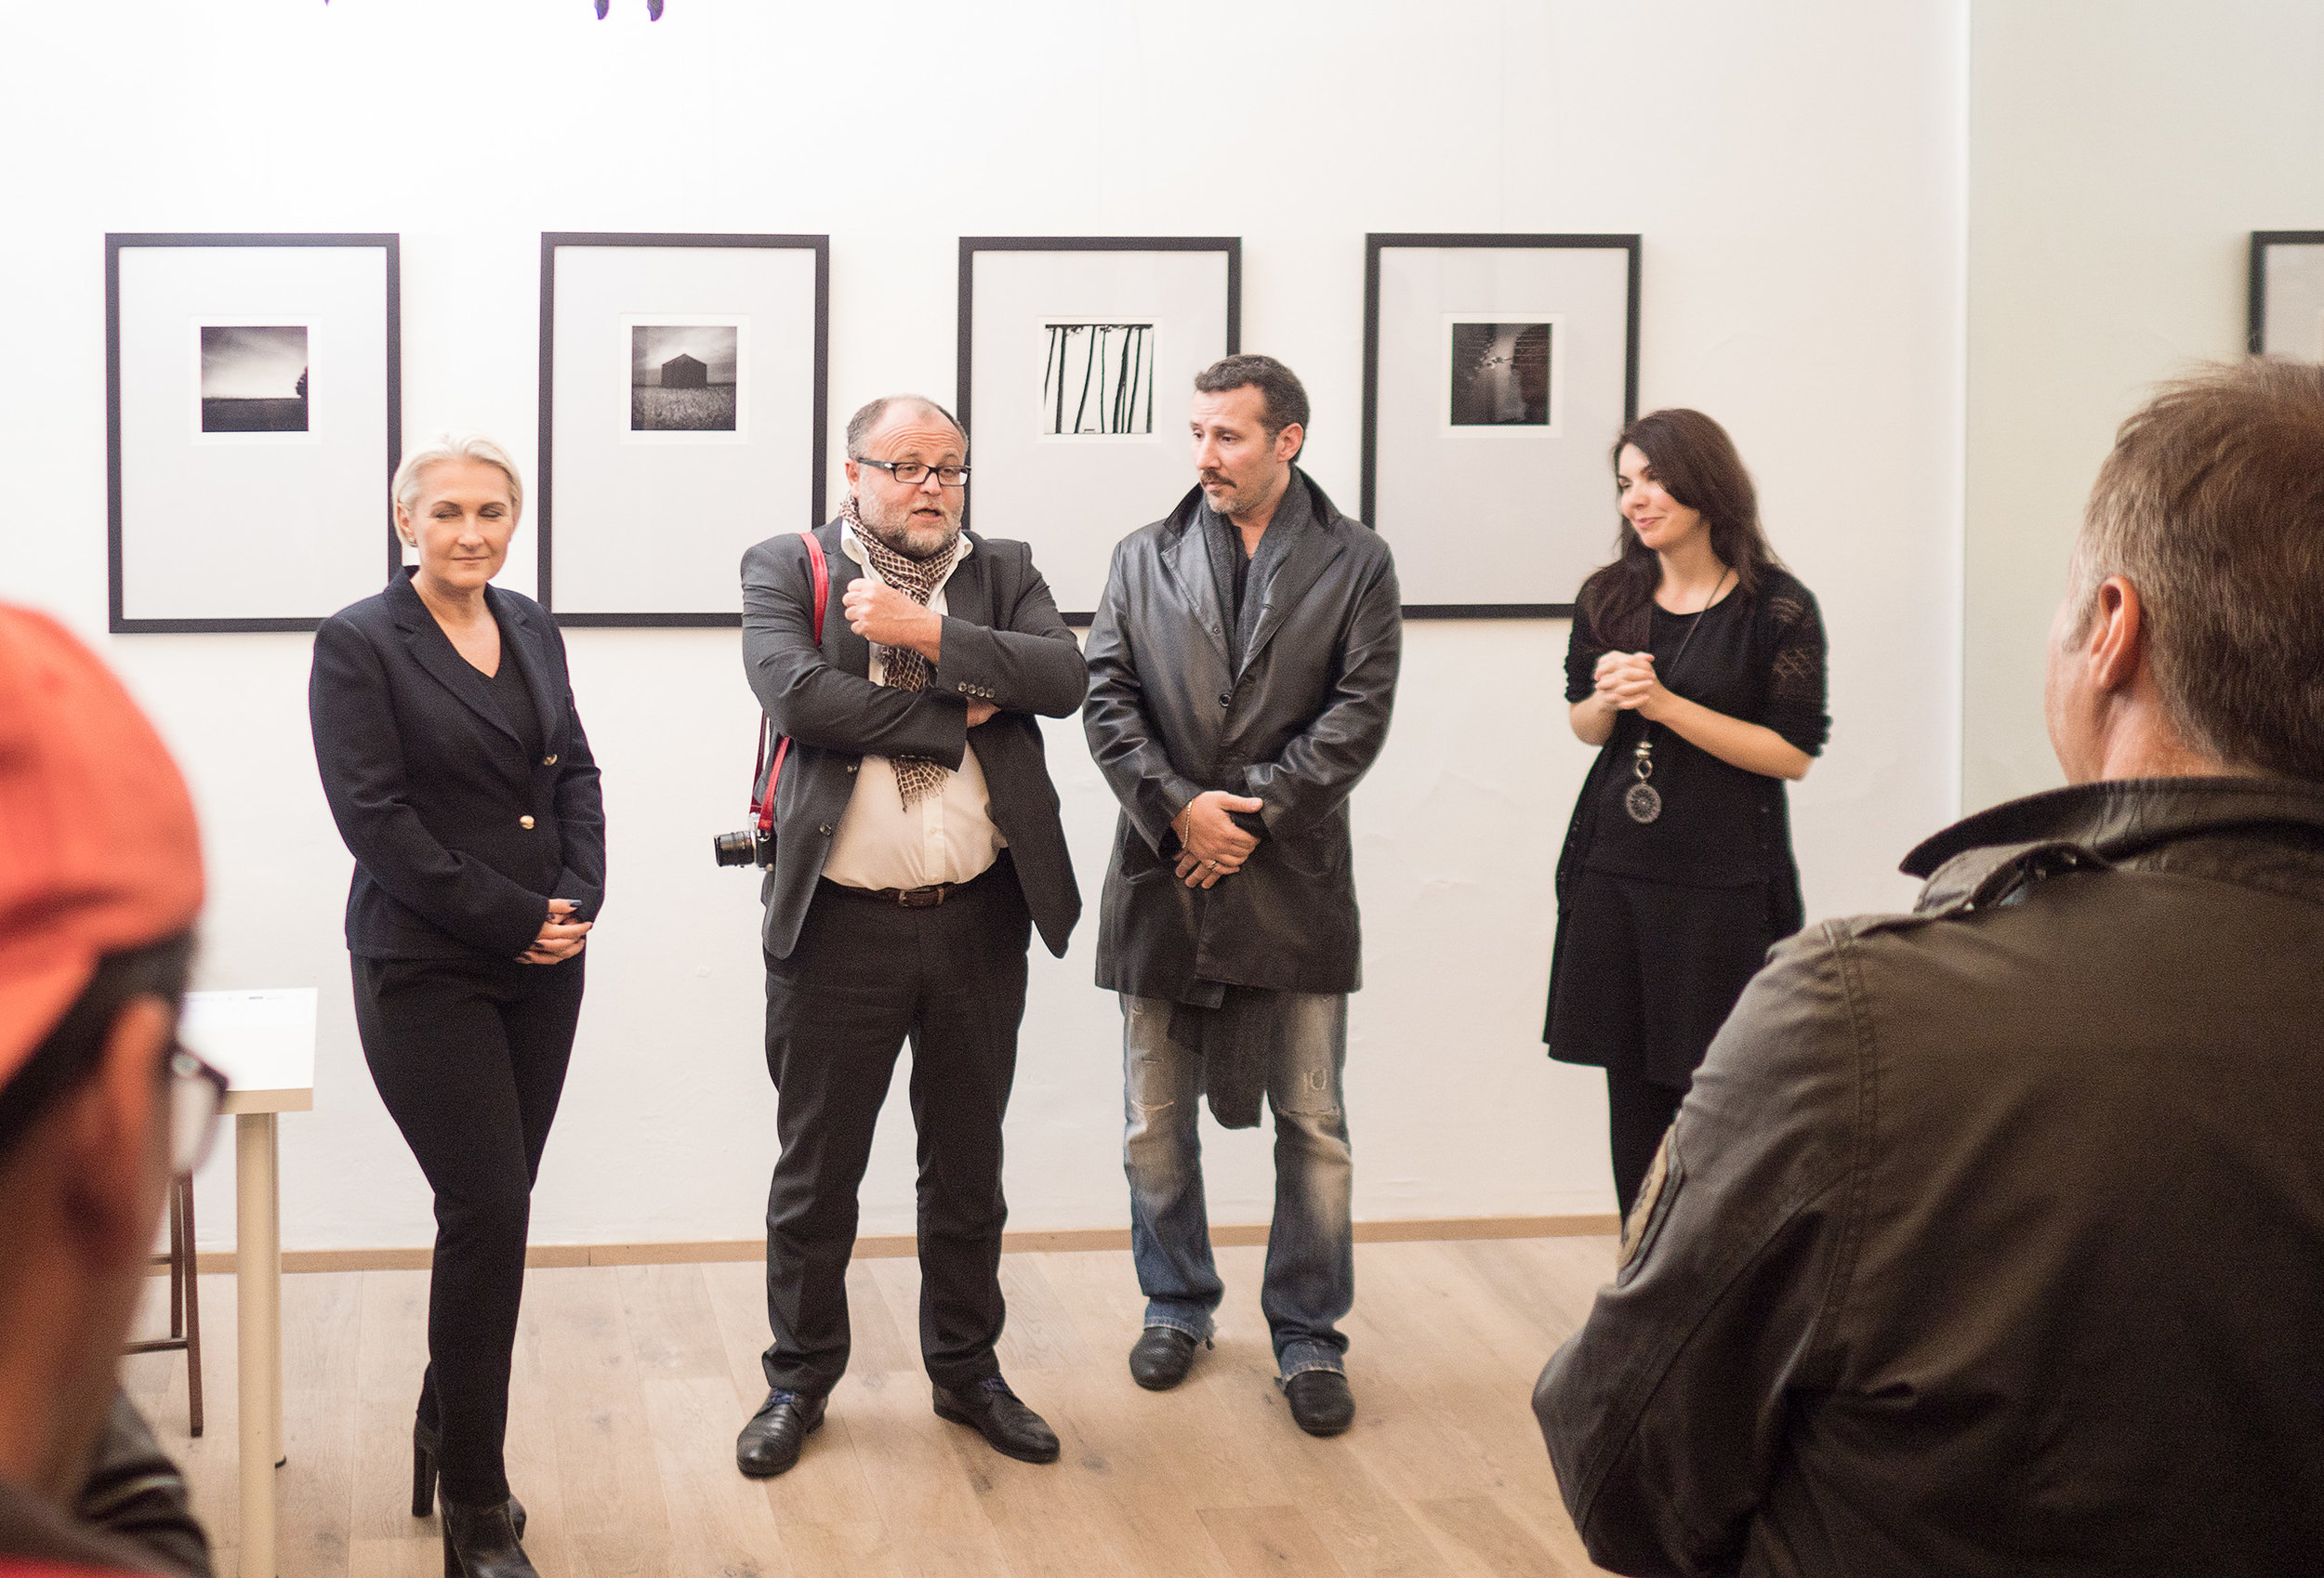 Galerie_LIK_deAngelis046.jpg